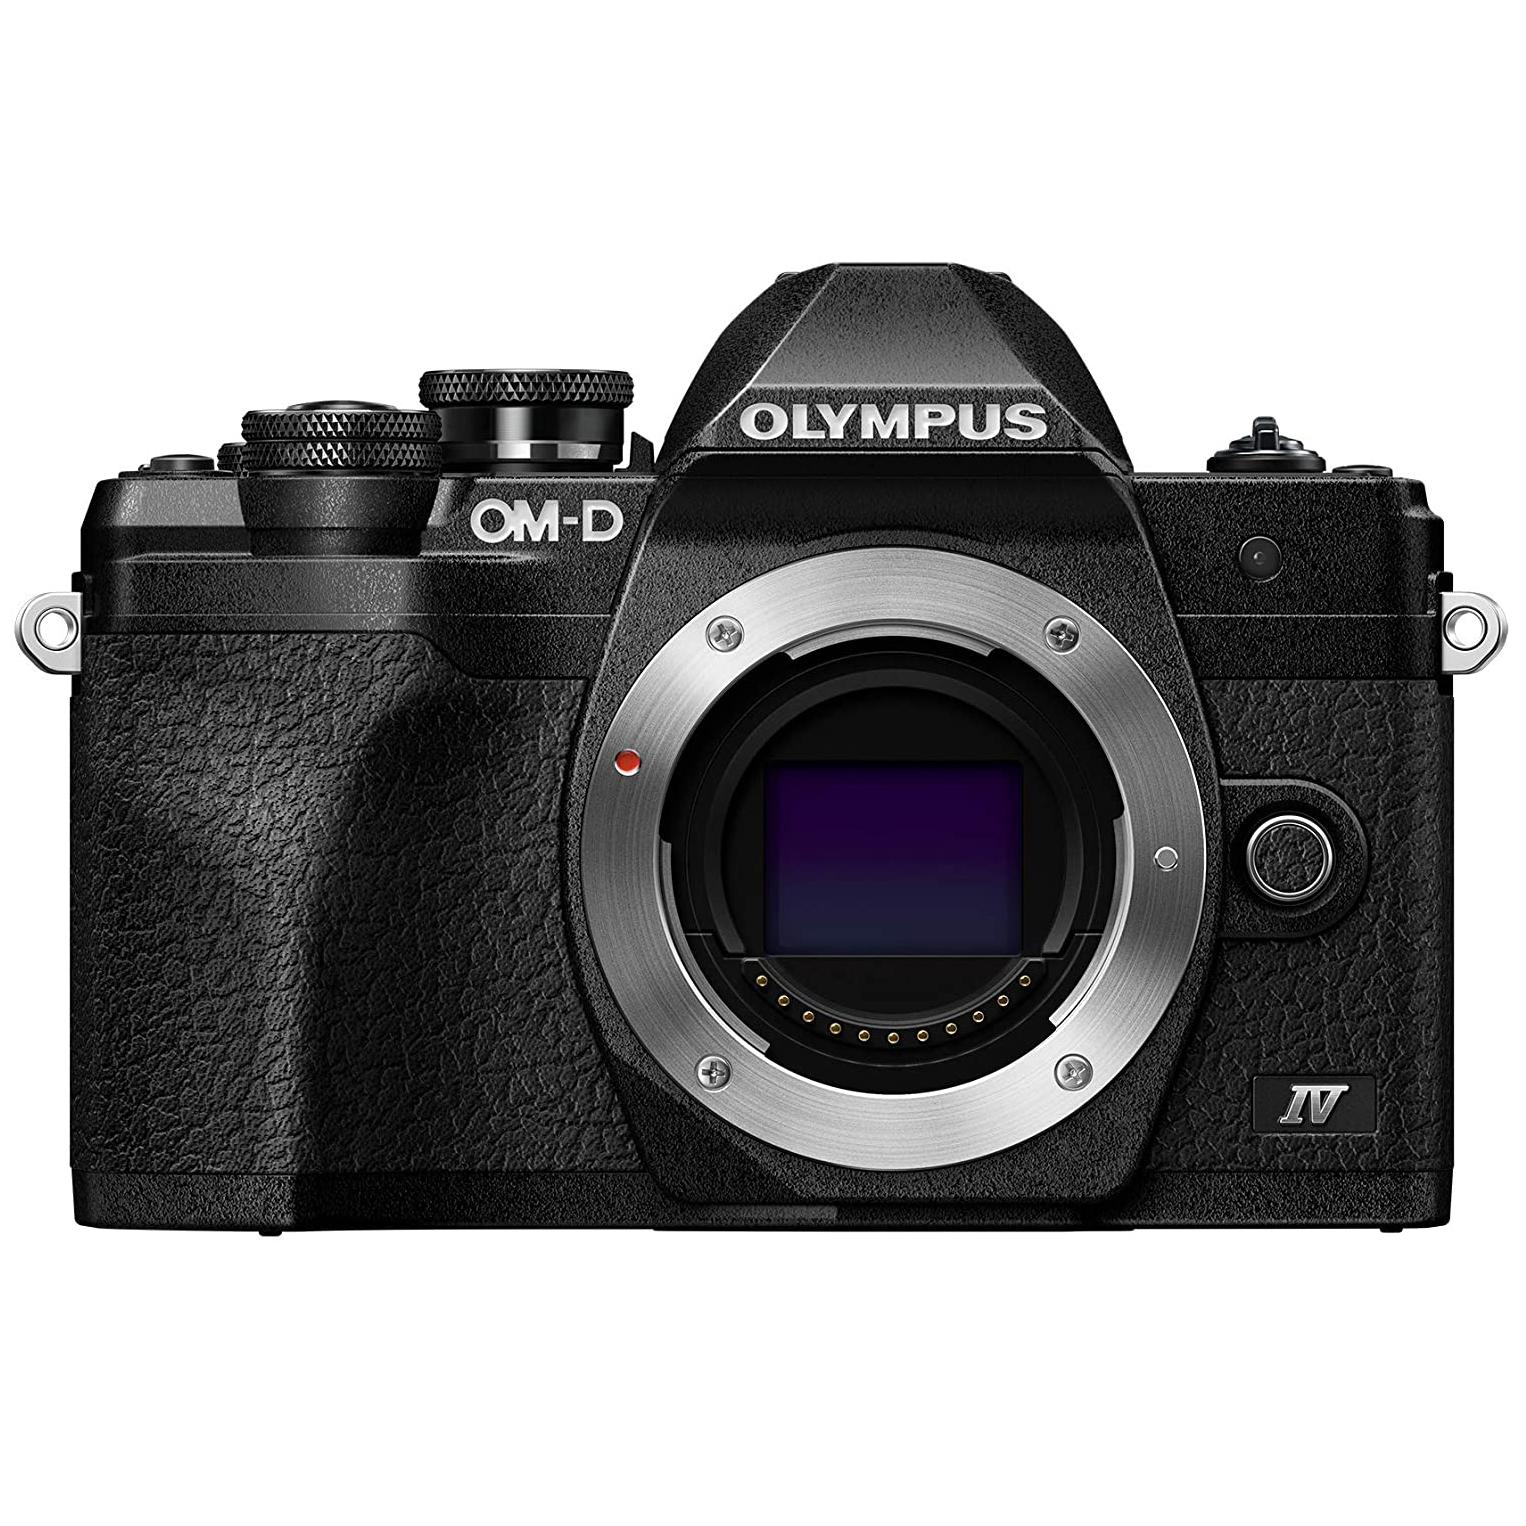 Olympus OM-D E-M10 Mark IV Mirrorless Camera